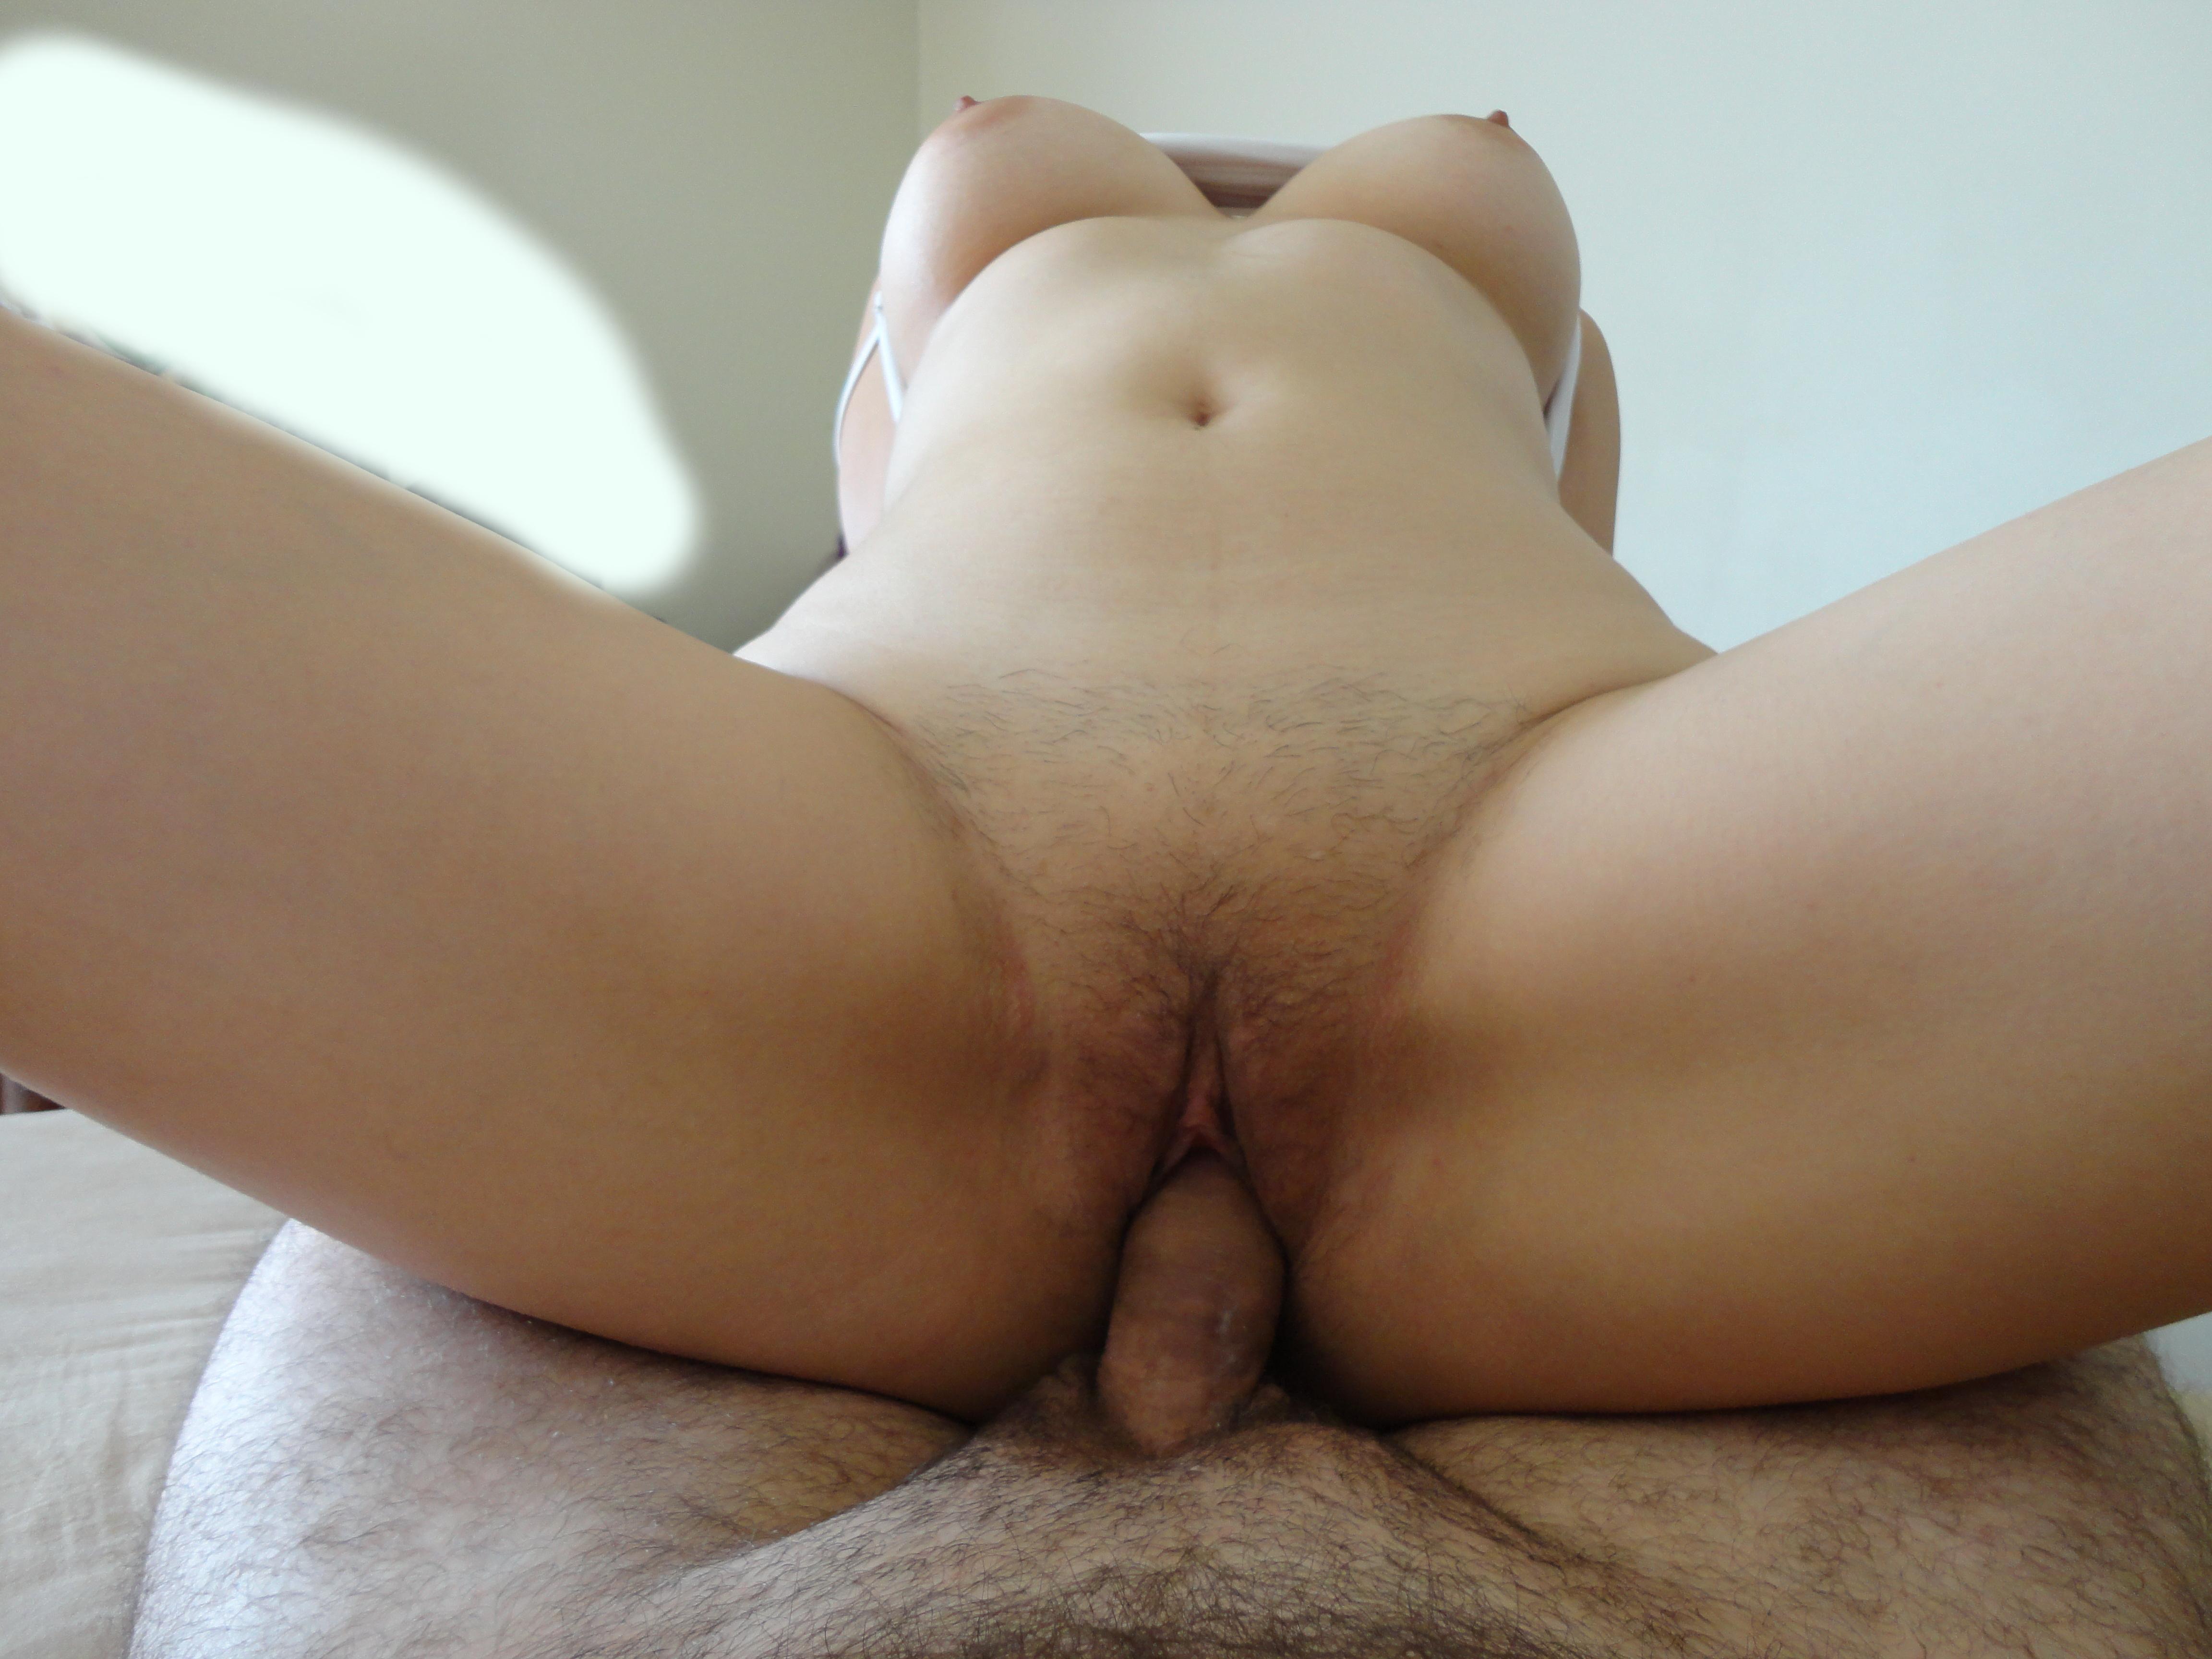 Sexo Con Mi Novia - Videos Porno Gratis - YouPorn